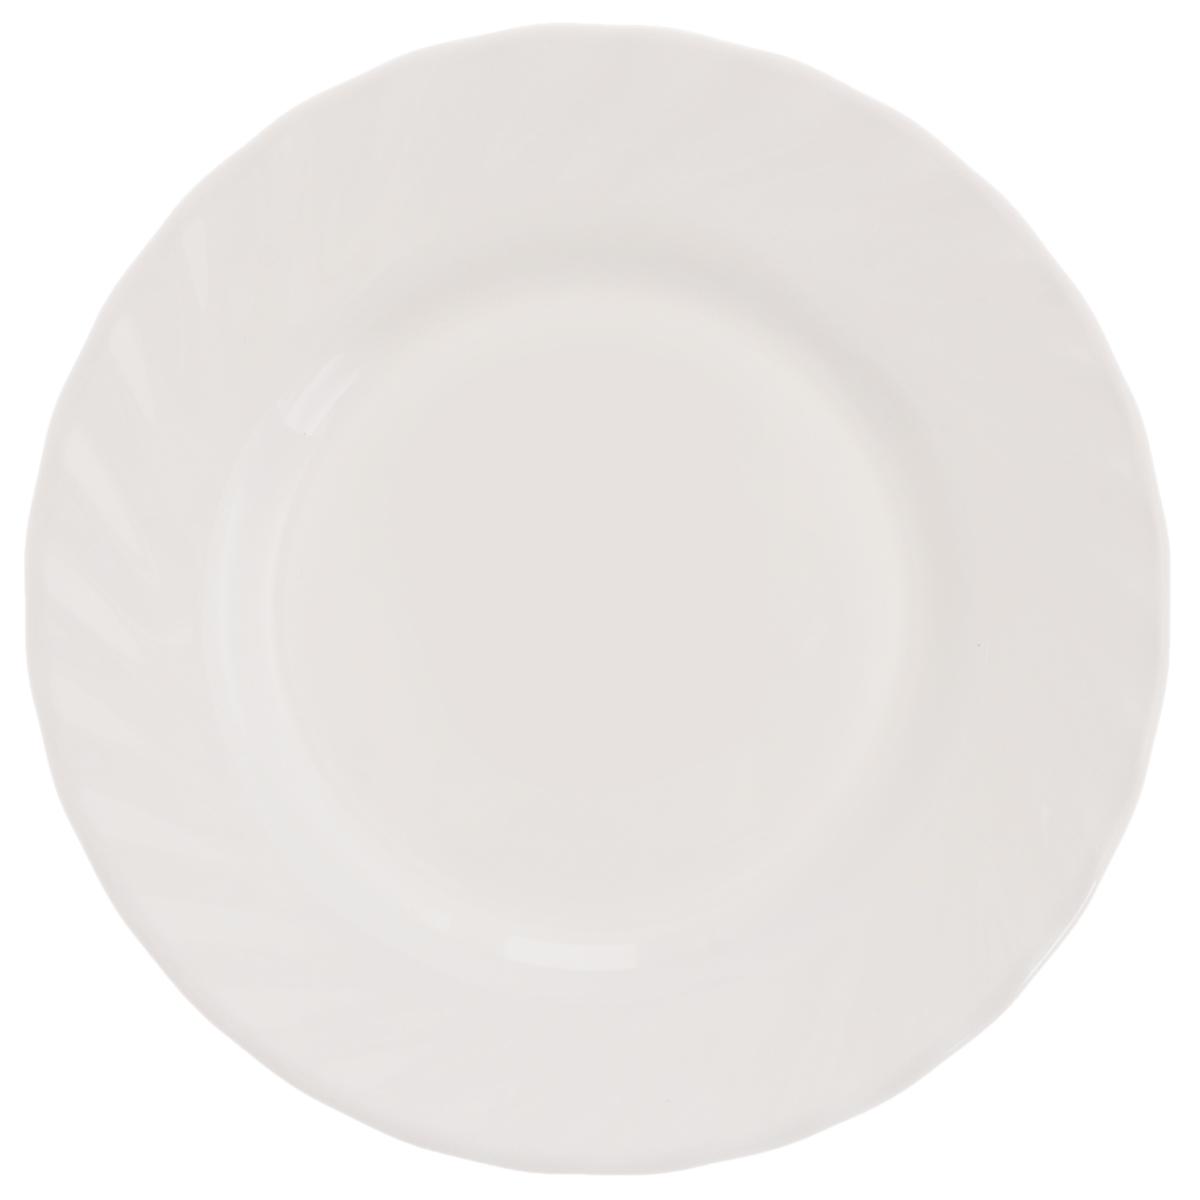 Тарелка Luminarc Trianon, диаметр 15,5 см54 009312Тарелка Luminarc Trianon выполнена из высококачественного стекла. Изделие сочетает в себе изысканный дизайн с максимальной функциональностью. Она прекрасно впишется в интерьер вашей кухни и станет достойным дополнением к кухонному инвентарю. Тарелка Trianon подчеркнет прекрасный вкус хозяйки и станет отличным подарком. Диаметр миски (по верхнему краю): 15,5 см. Высота стенки: 1,5 см.